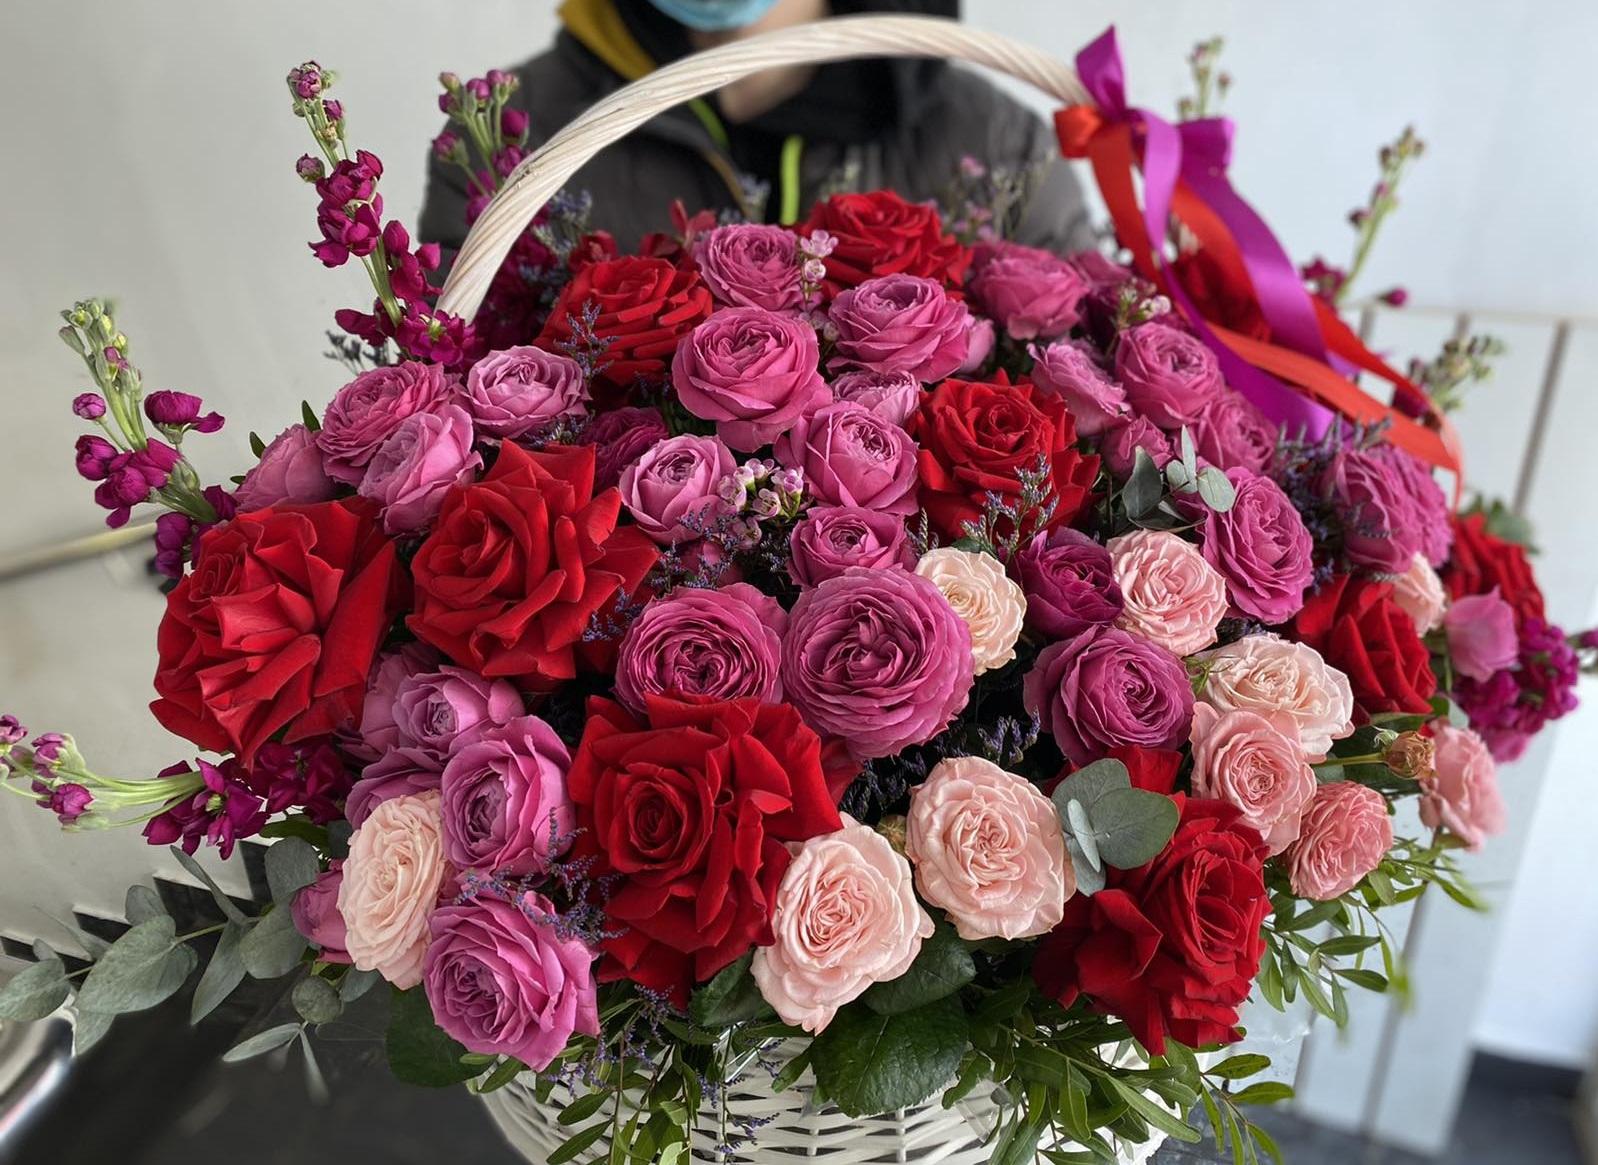 Яркая корзина с цветами с пионовидными розами